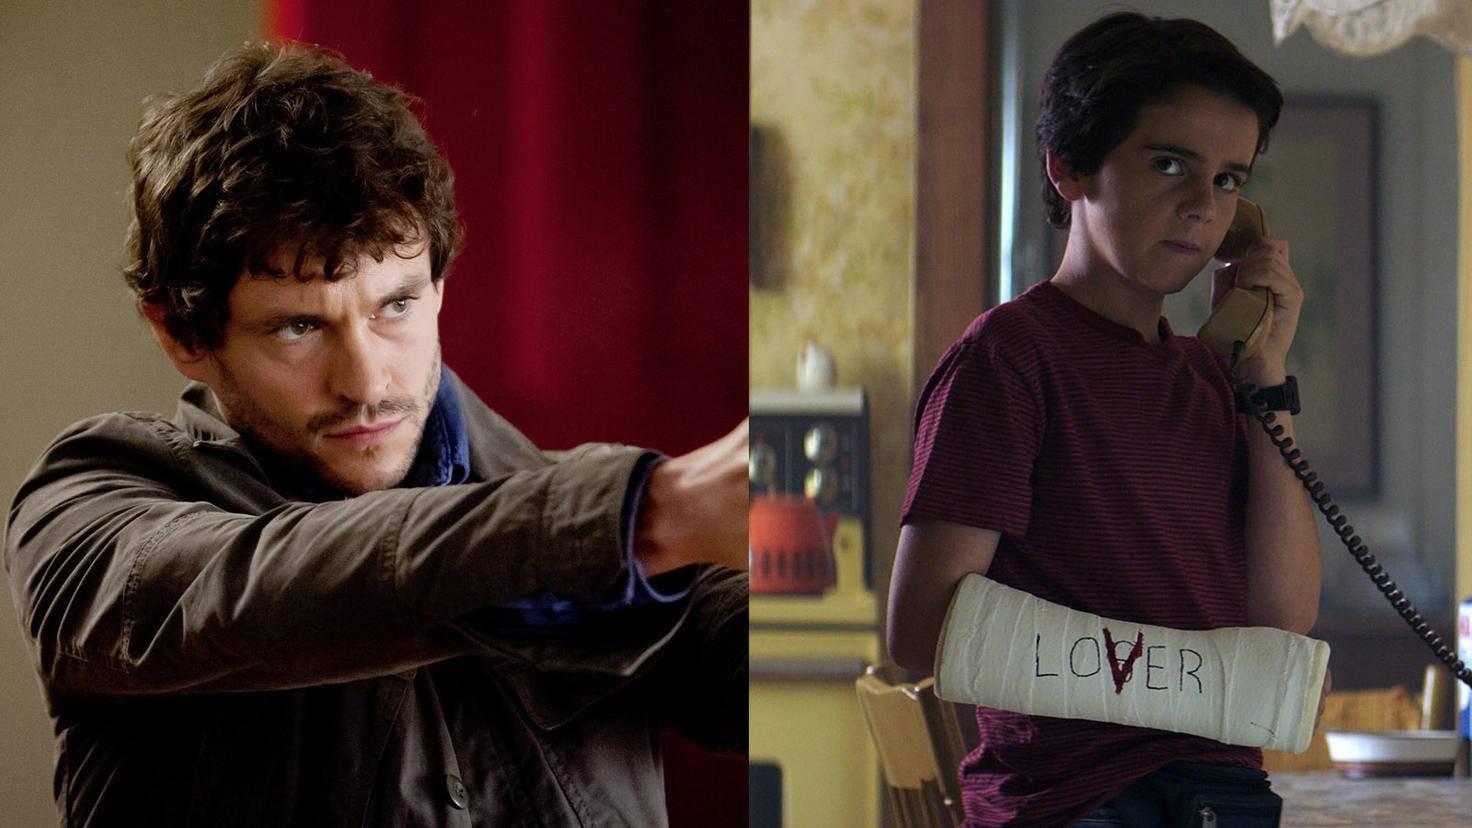 Es-Eddie-Warner Bros-Hannibal-Hugh Dancy-Studiocanal